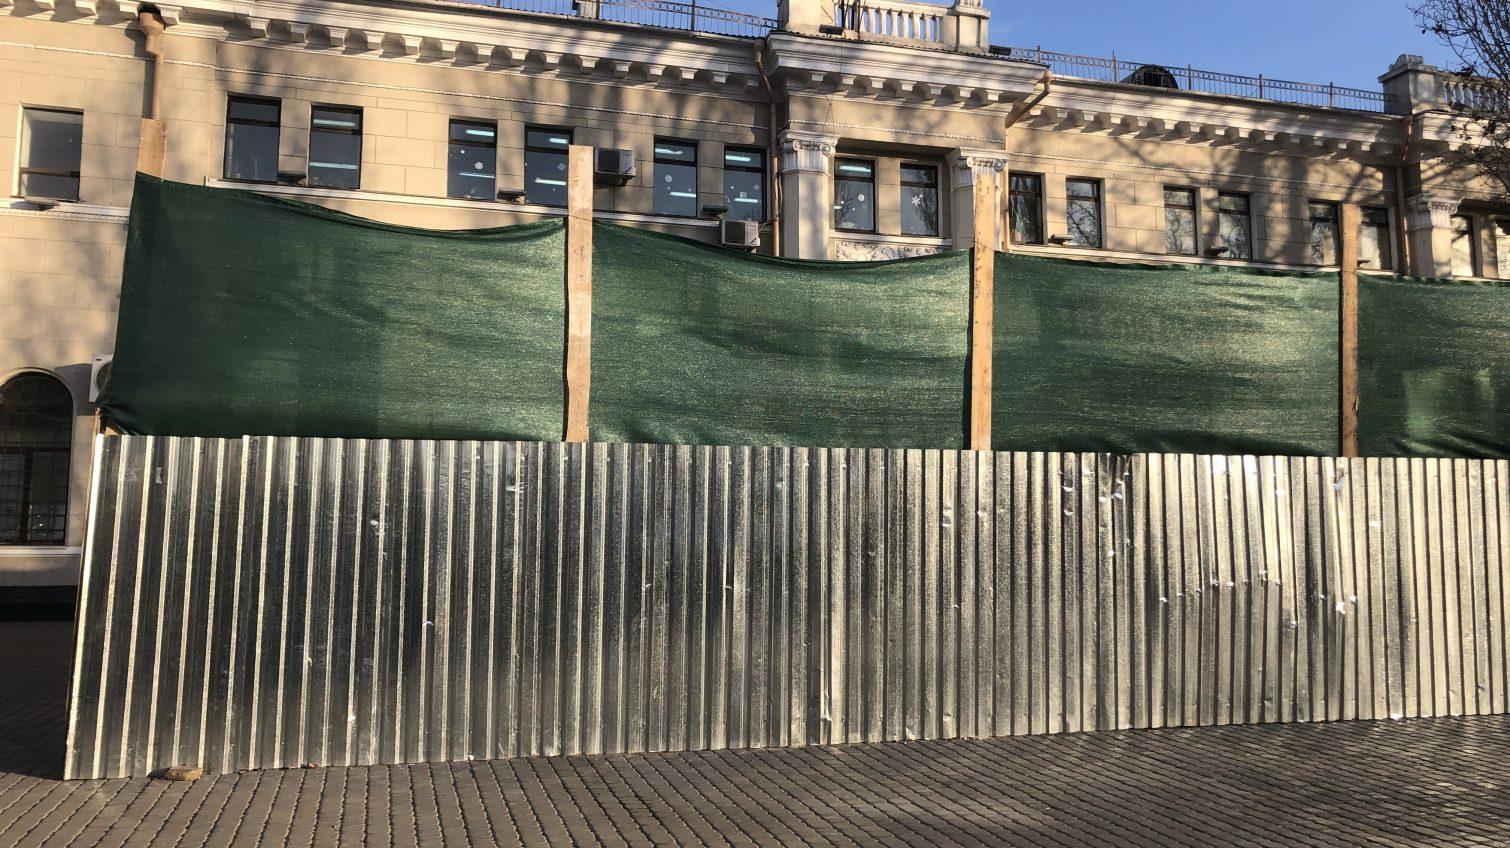 Самый наглый МАФ: в мэрии рассказали о стройке прямо на Привокзальной площади (фото, видео) «фото»